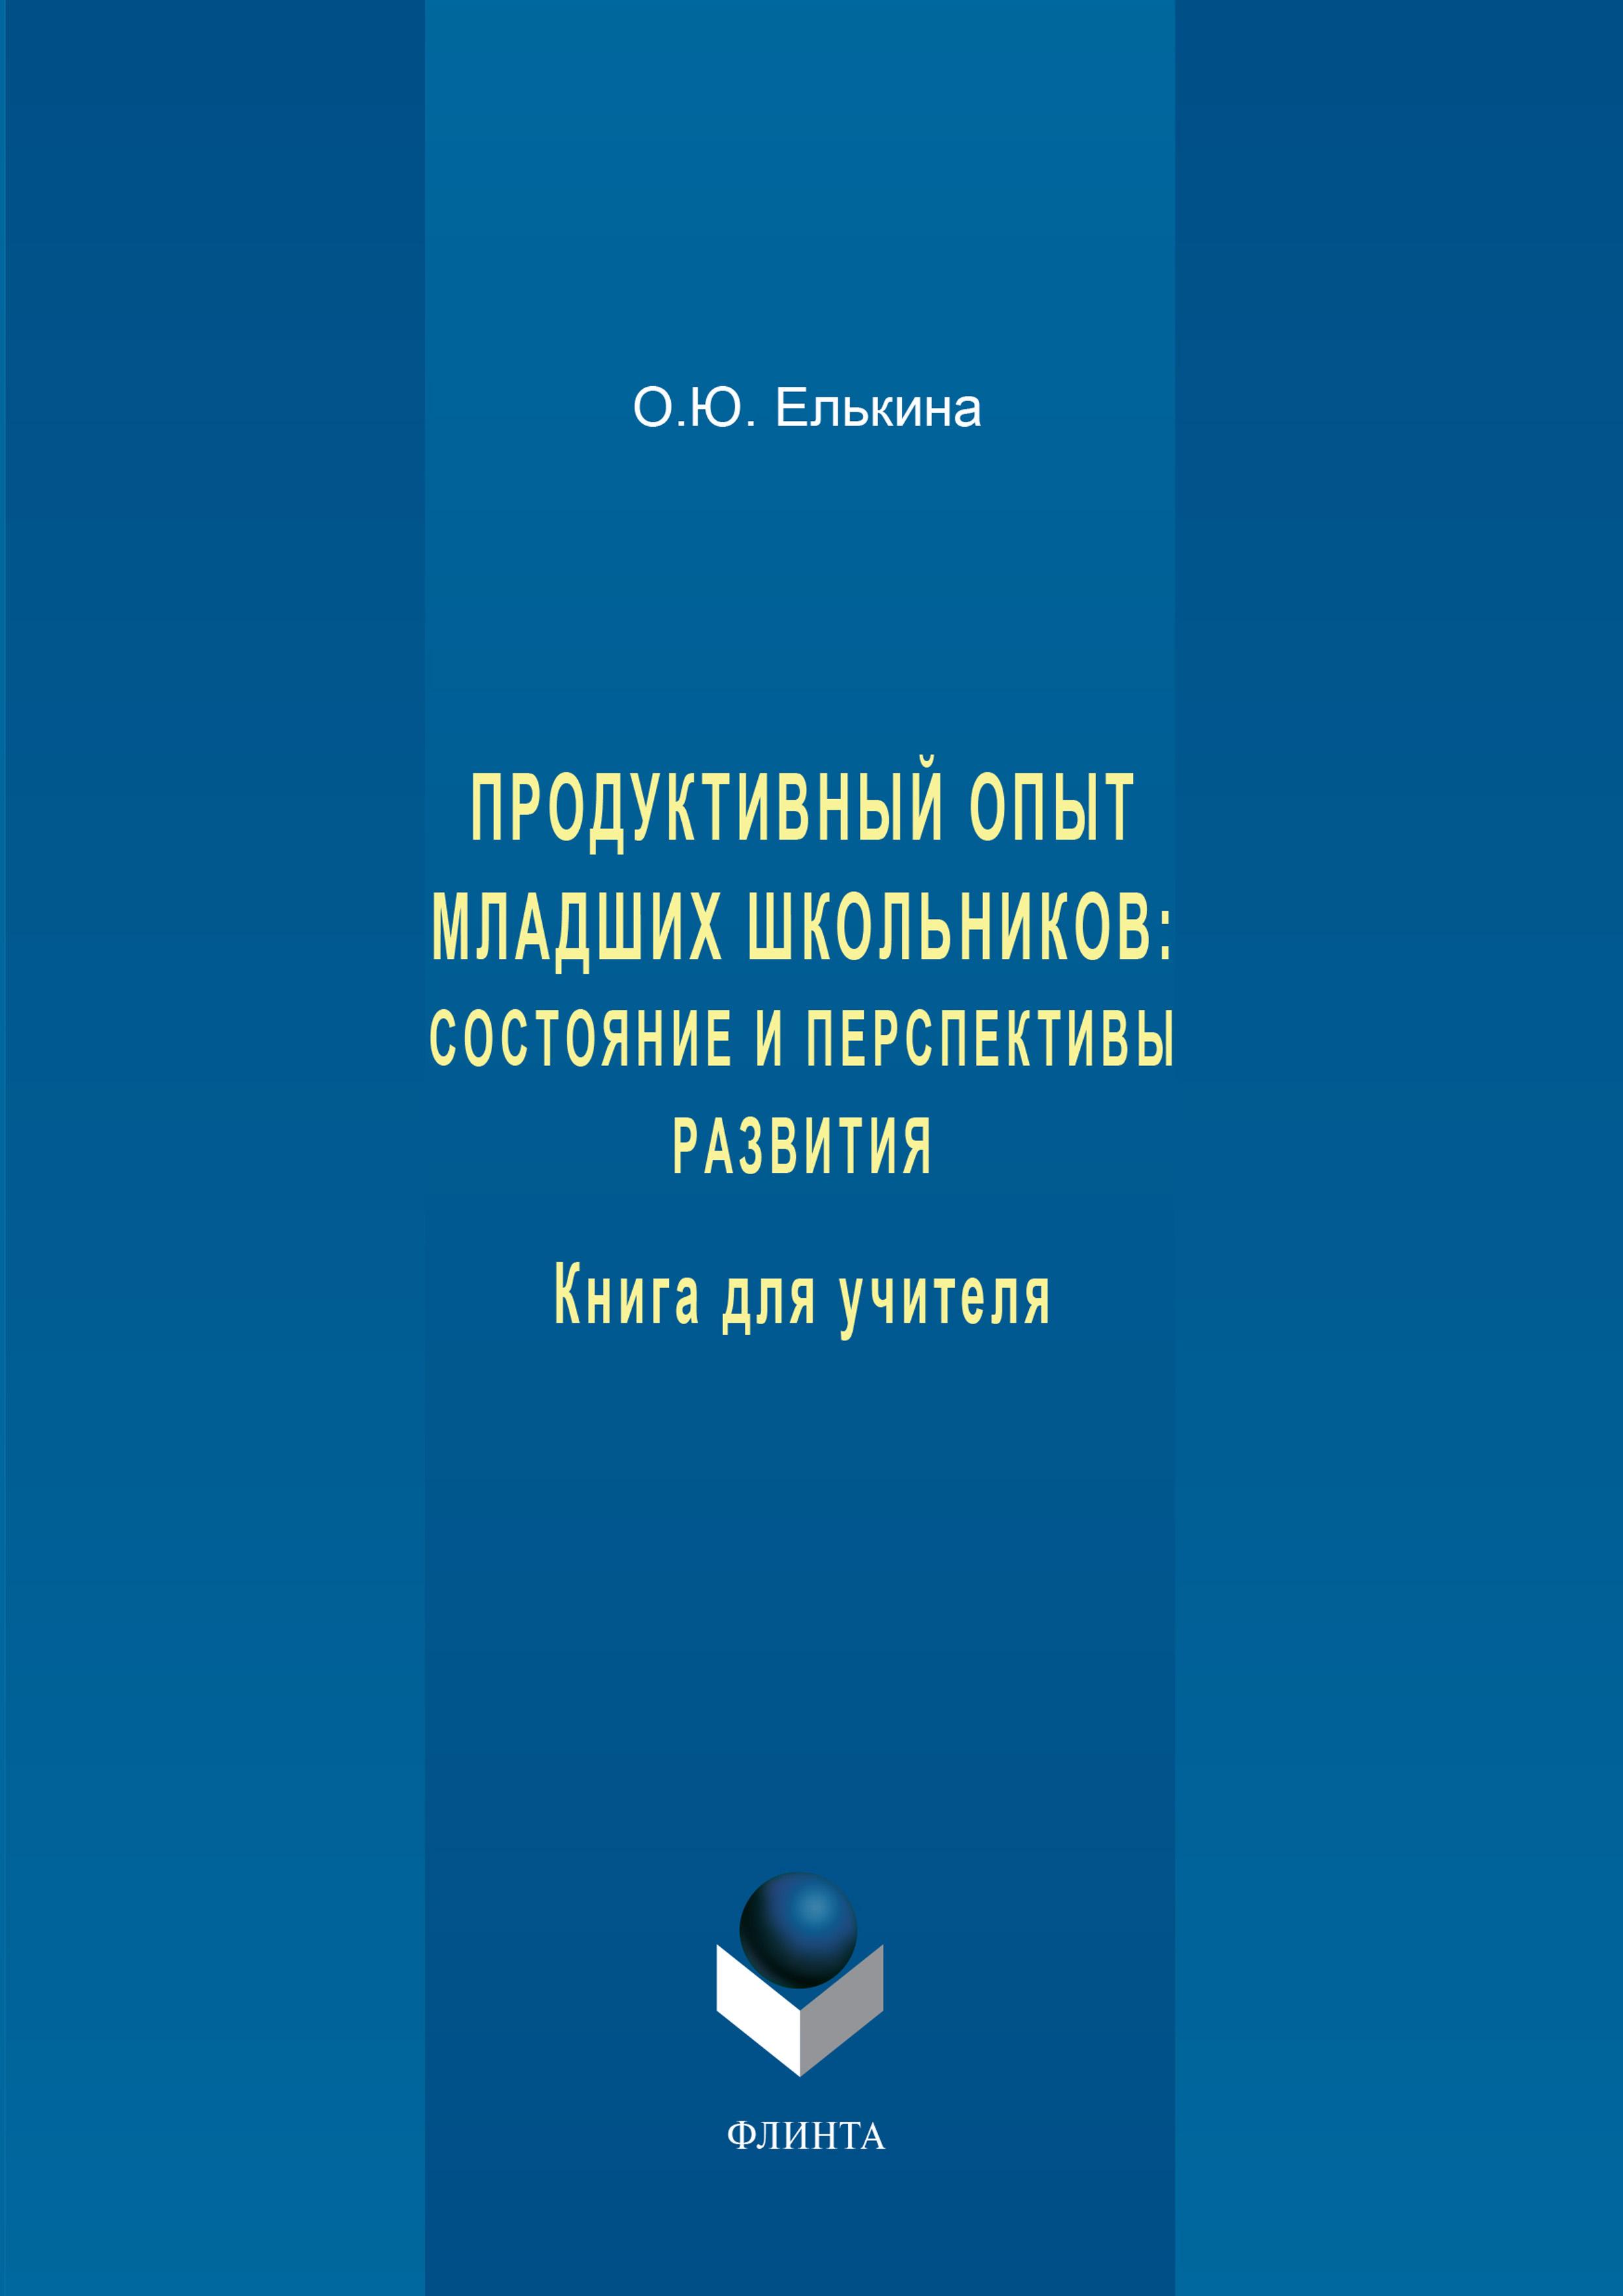 О. Ю. Елькина Продуктивный опыт младших школьников: состояние и перспективы развития. Книга для учителя